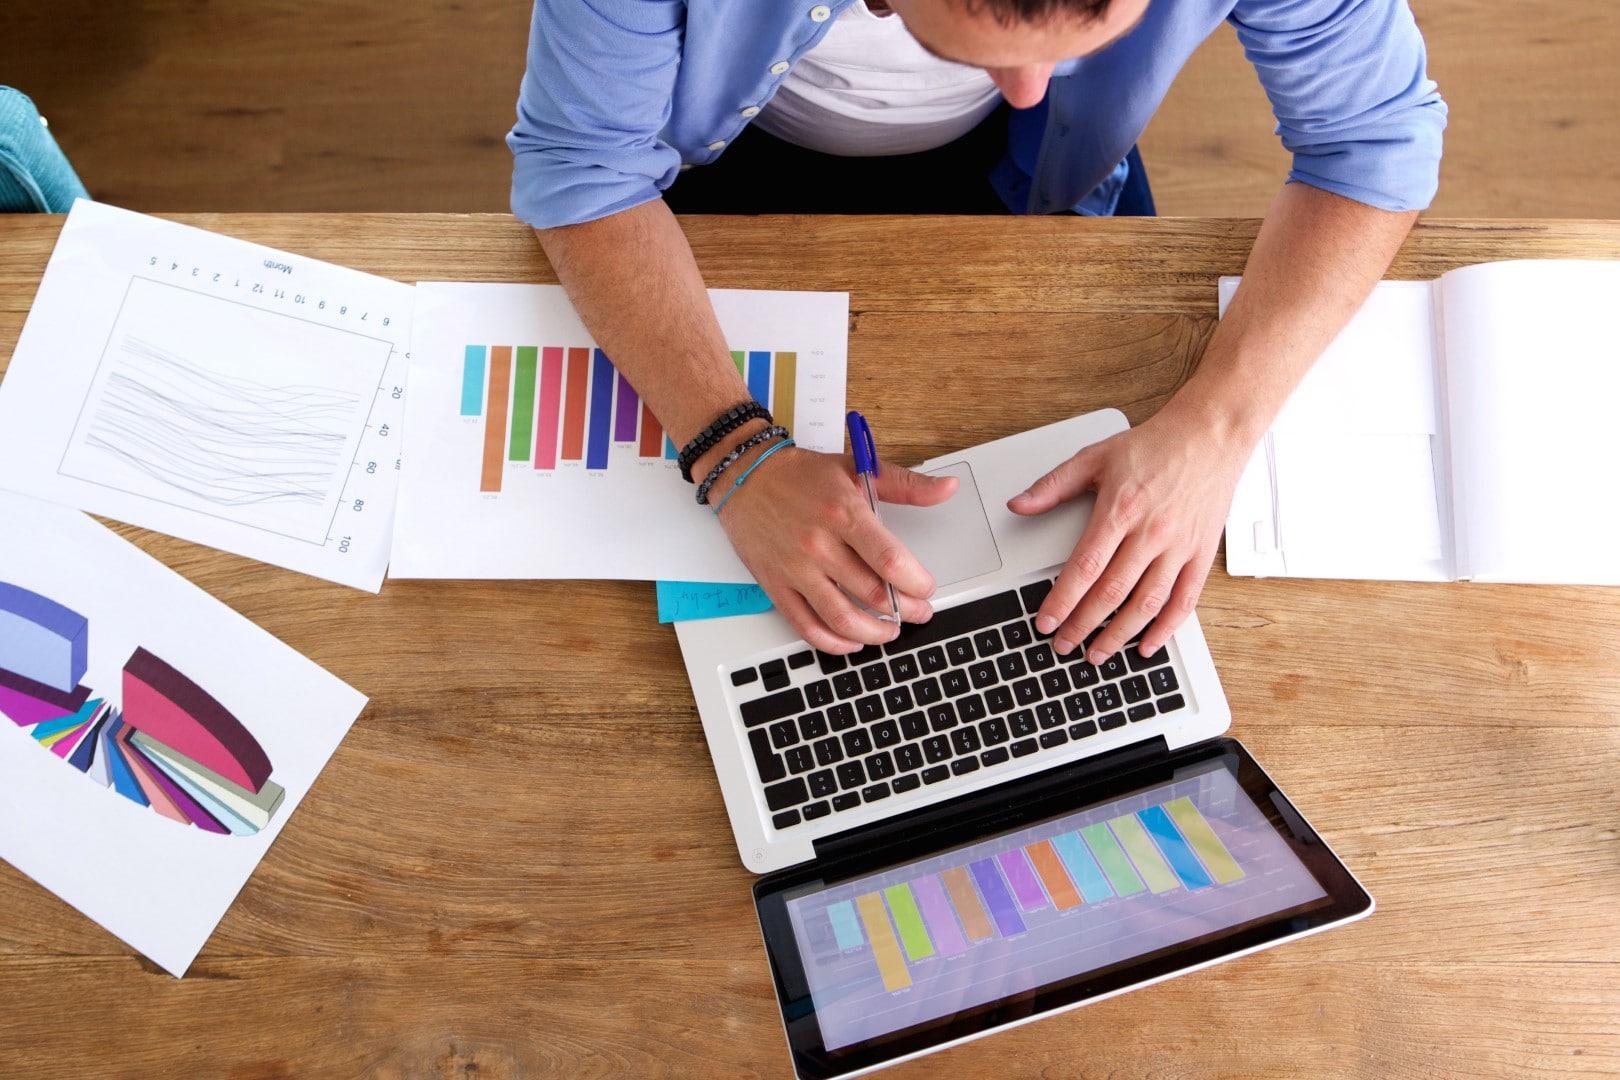 grafici online - Grafici online comunica al meglio le tue informazioni Gianluca Gentile Grande - Grafici online, comunica al meglio le tue informazioni